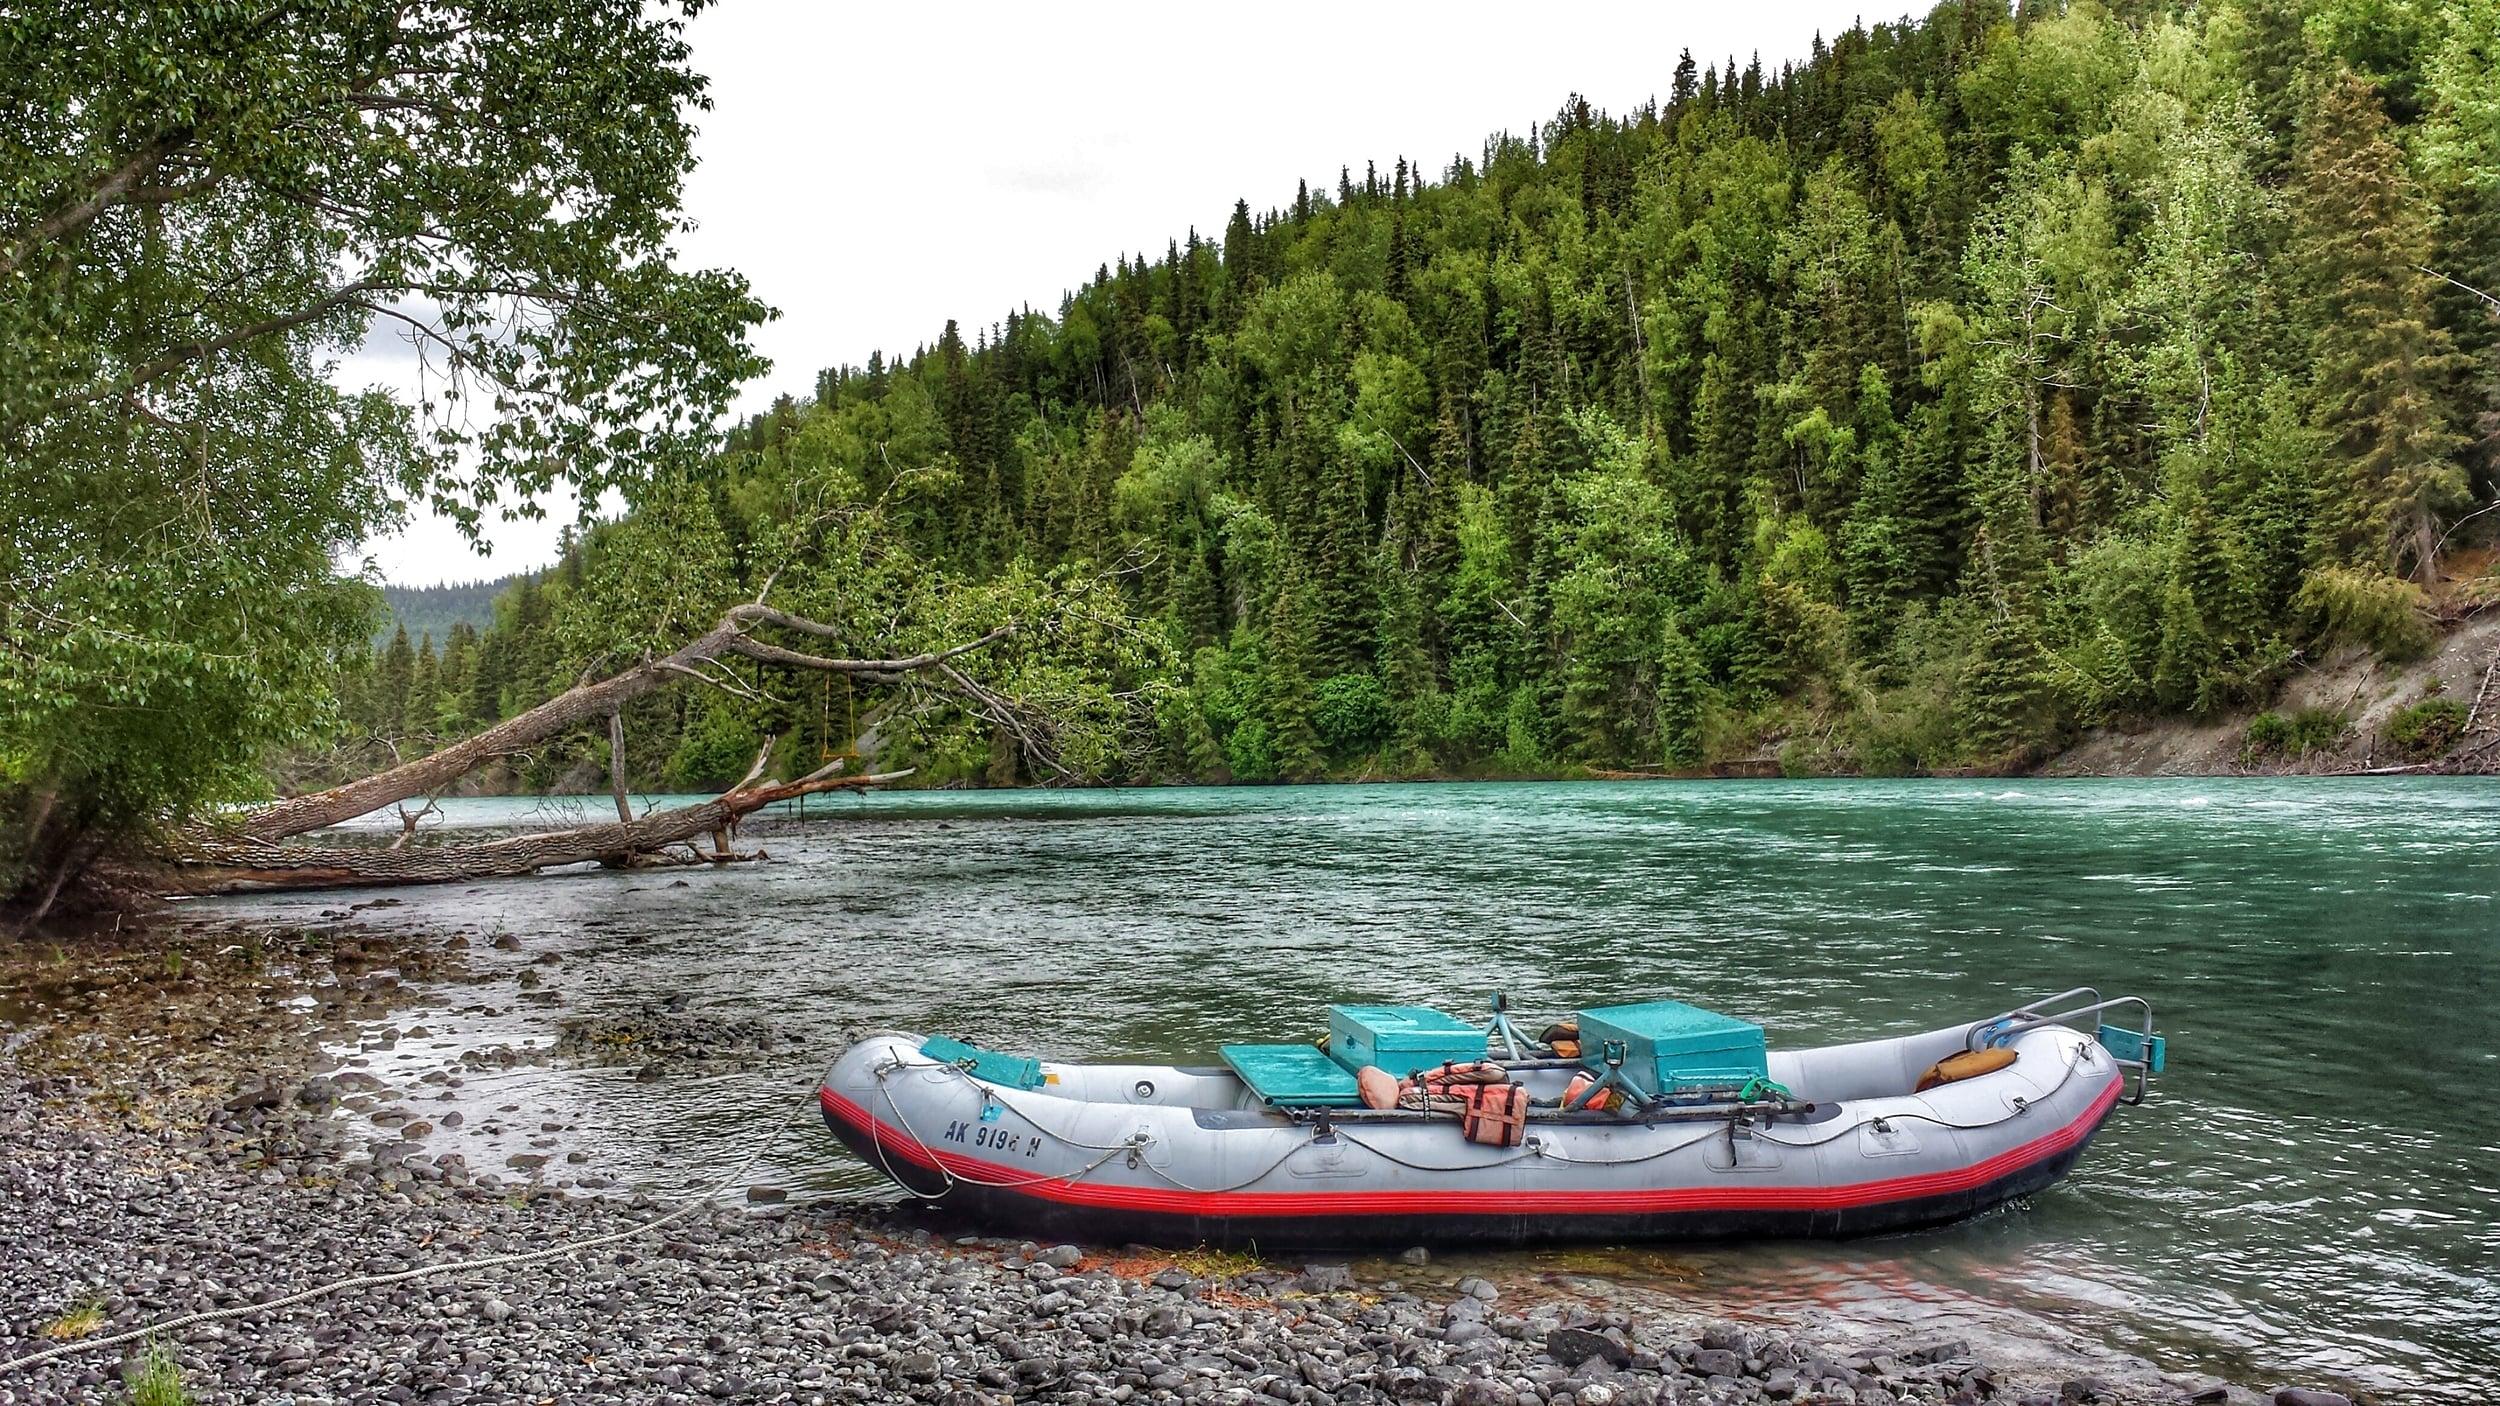 Shores of the Russian River at Cooper Landing, Alaska